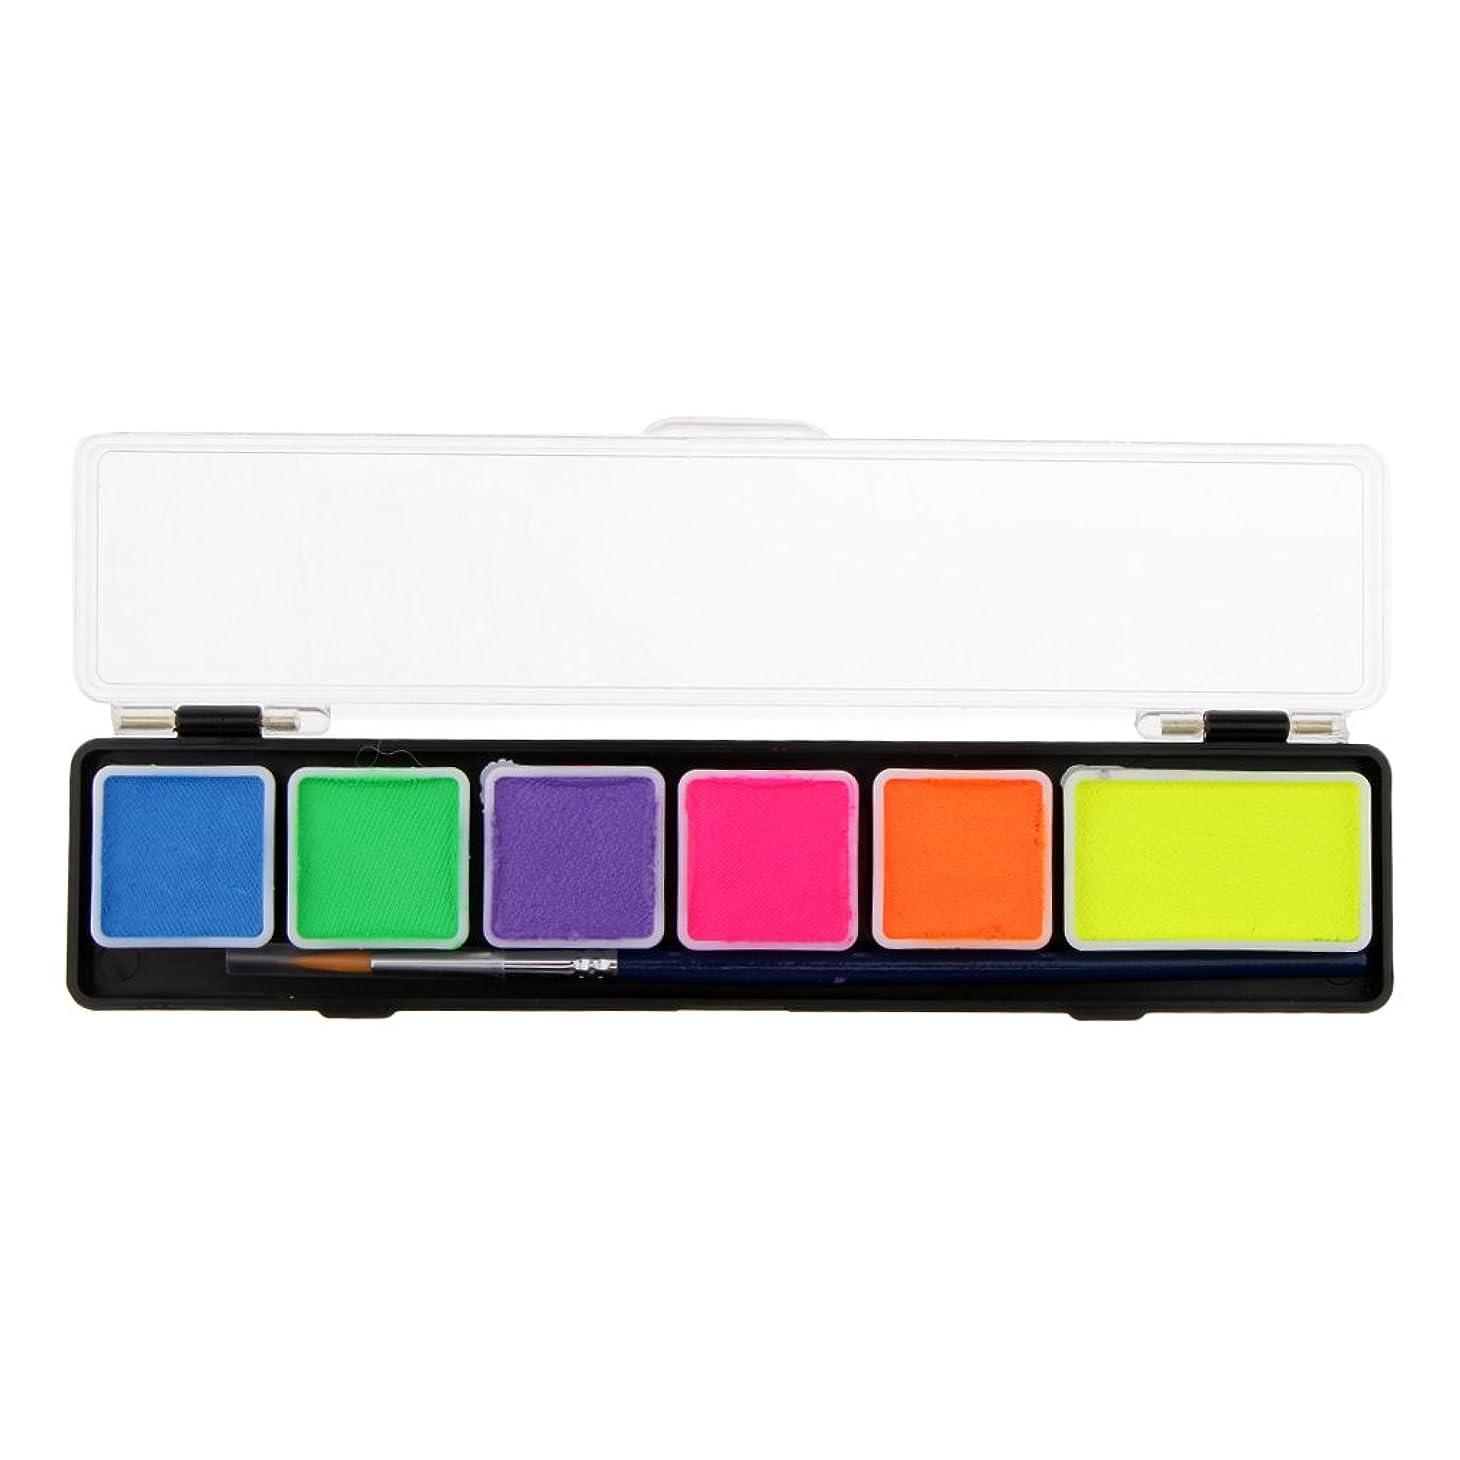 代わりにネズミ許すPerfeclan フェイスペイントパレット ブラシ フェイス ボディーペイント 絵画 派手 パーティー アートツールキット 6スタイル選べ - RT005D